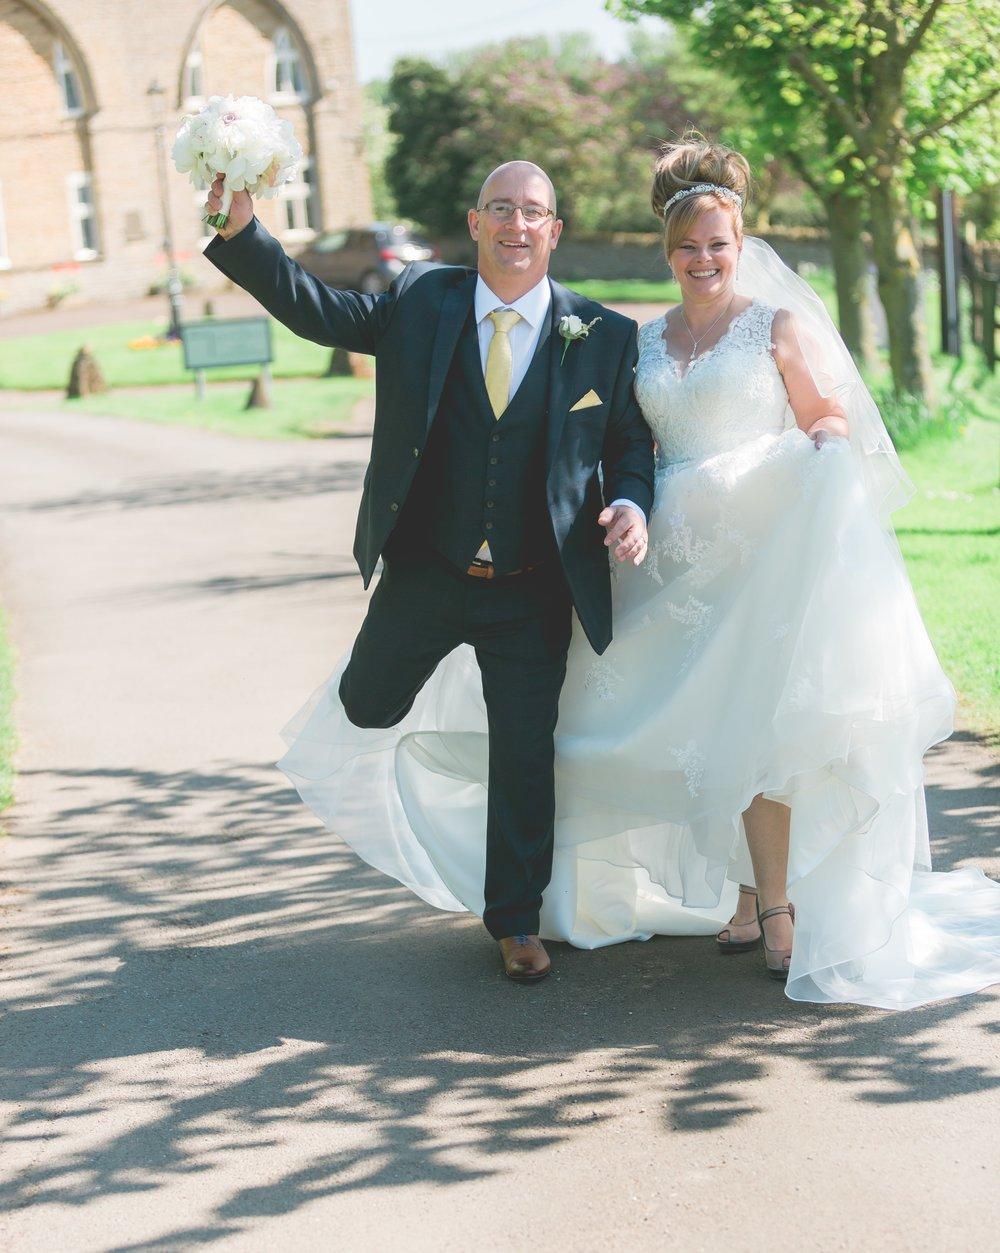 Mr&MrsOliver-16.jpg